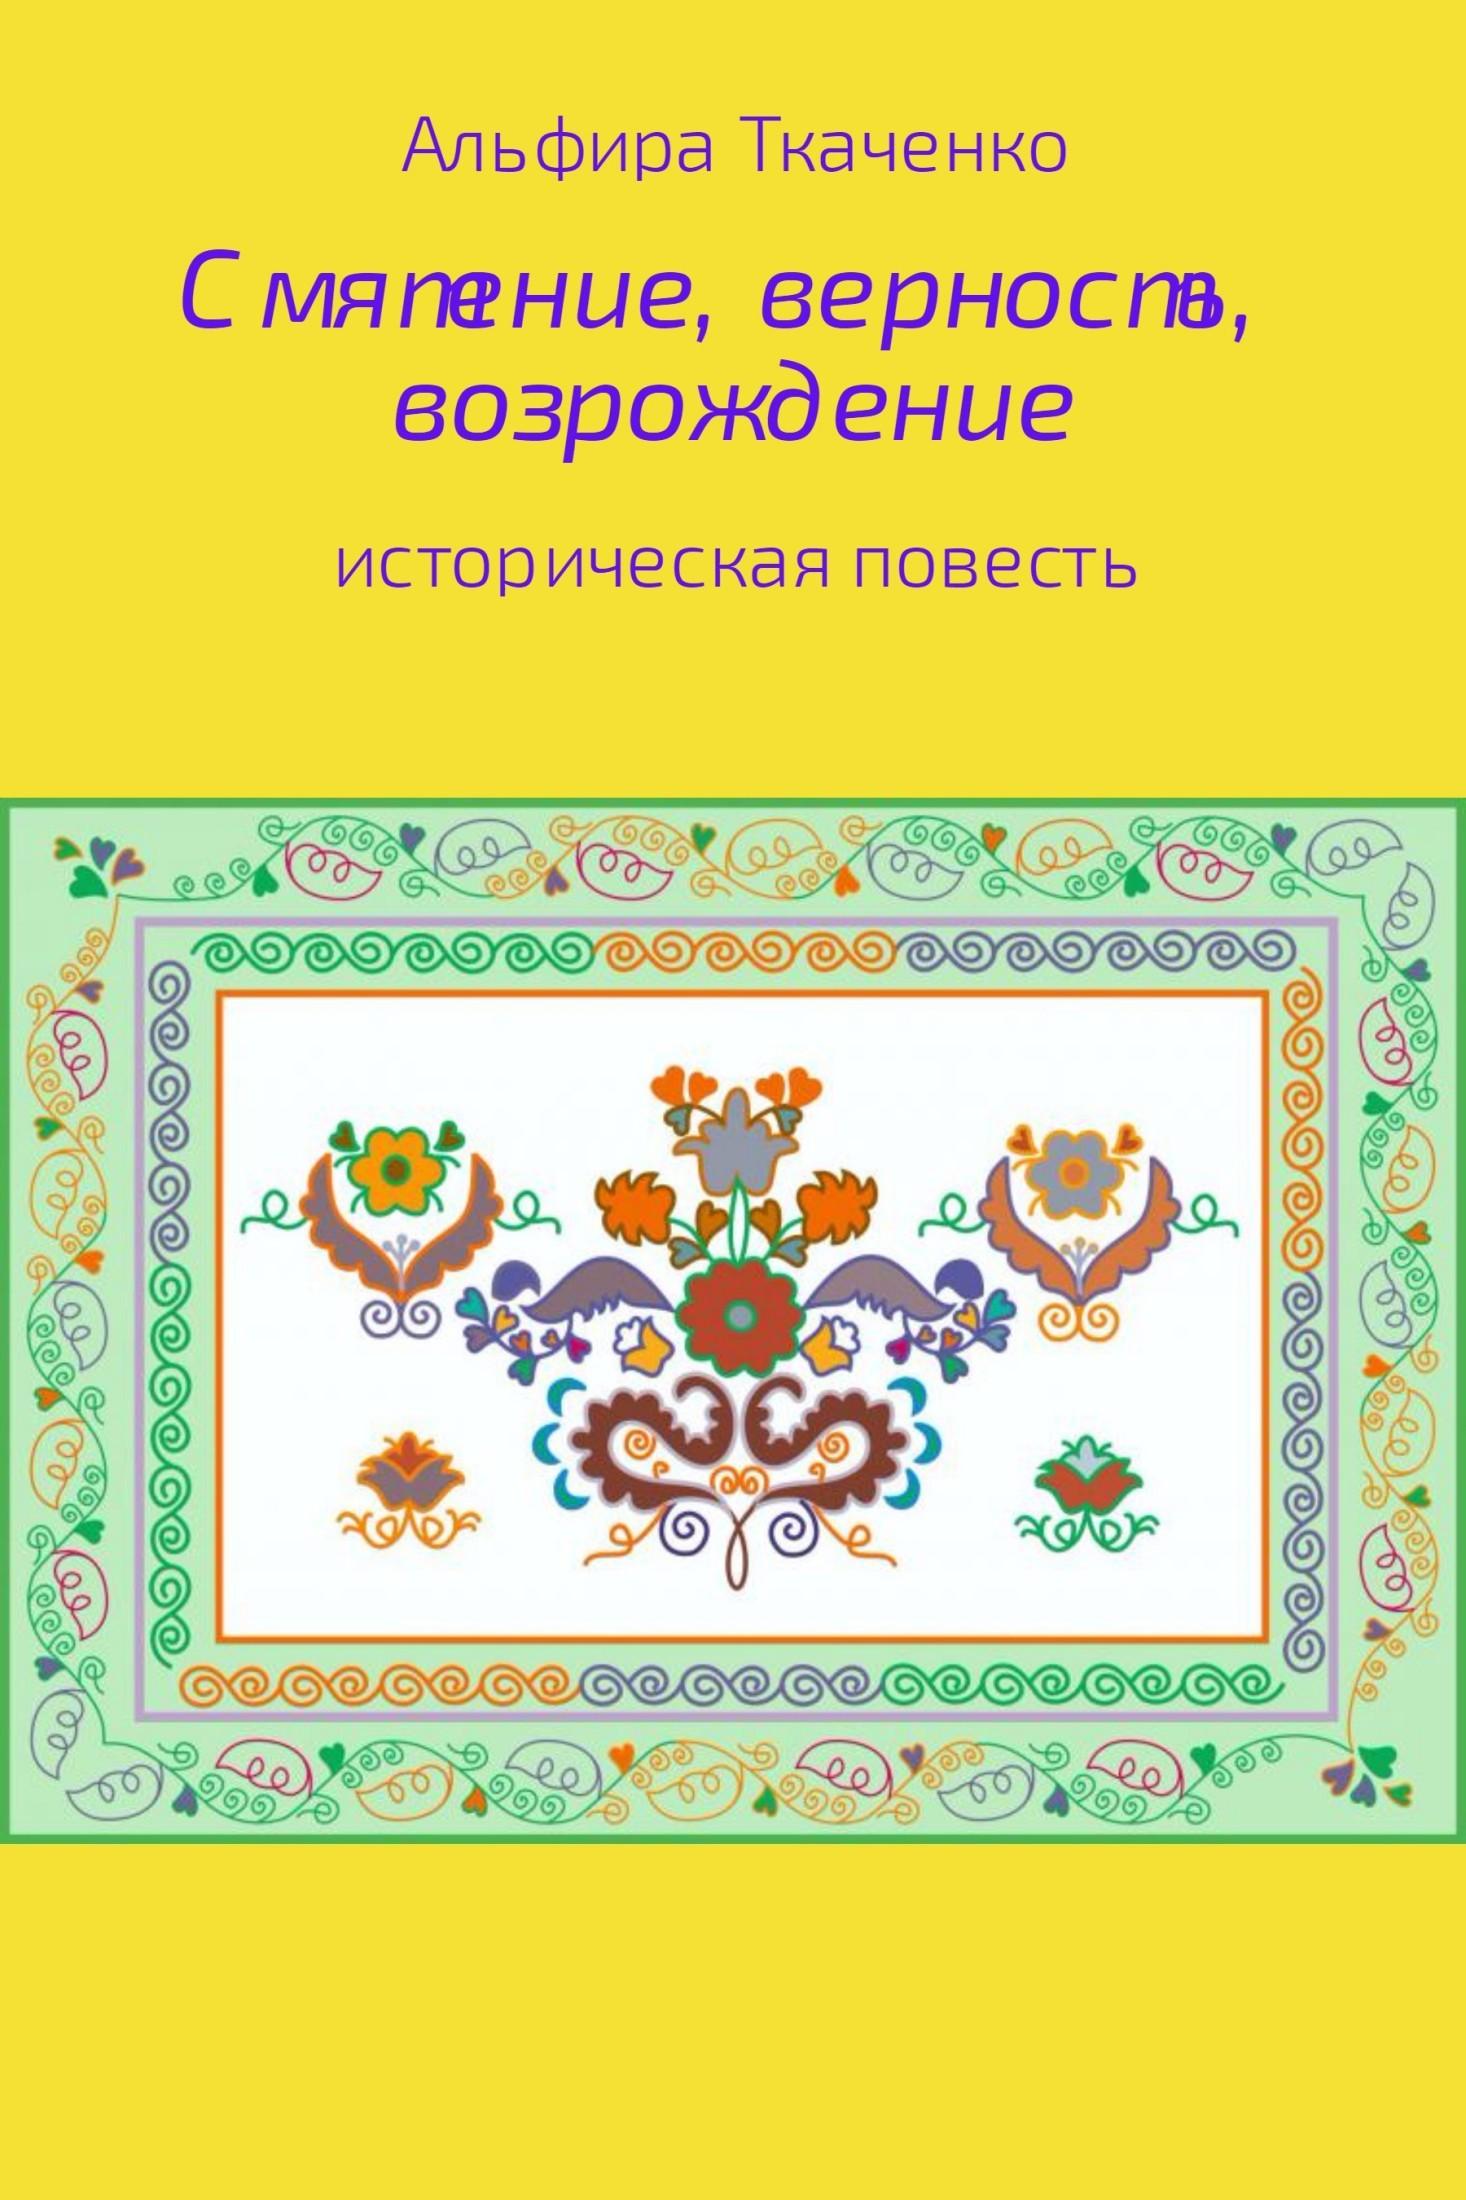 Альфира Федоровна Ткаченко бесплатно